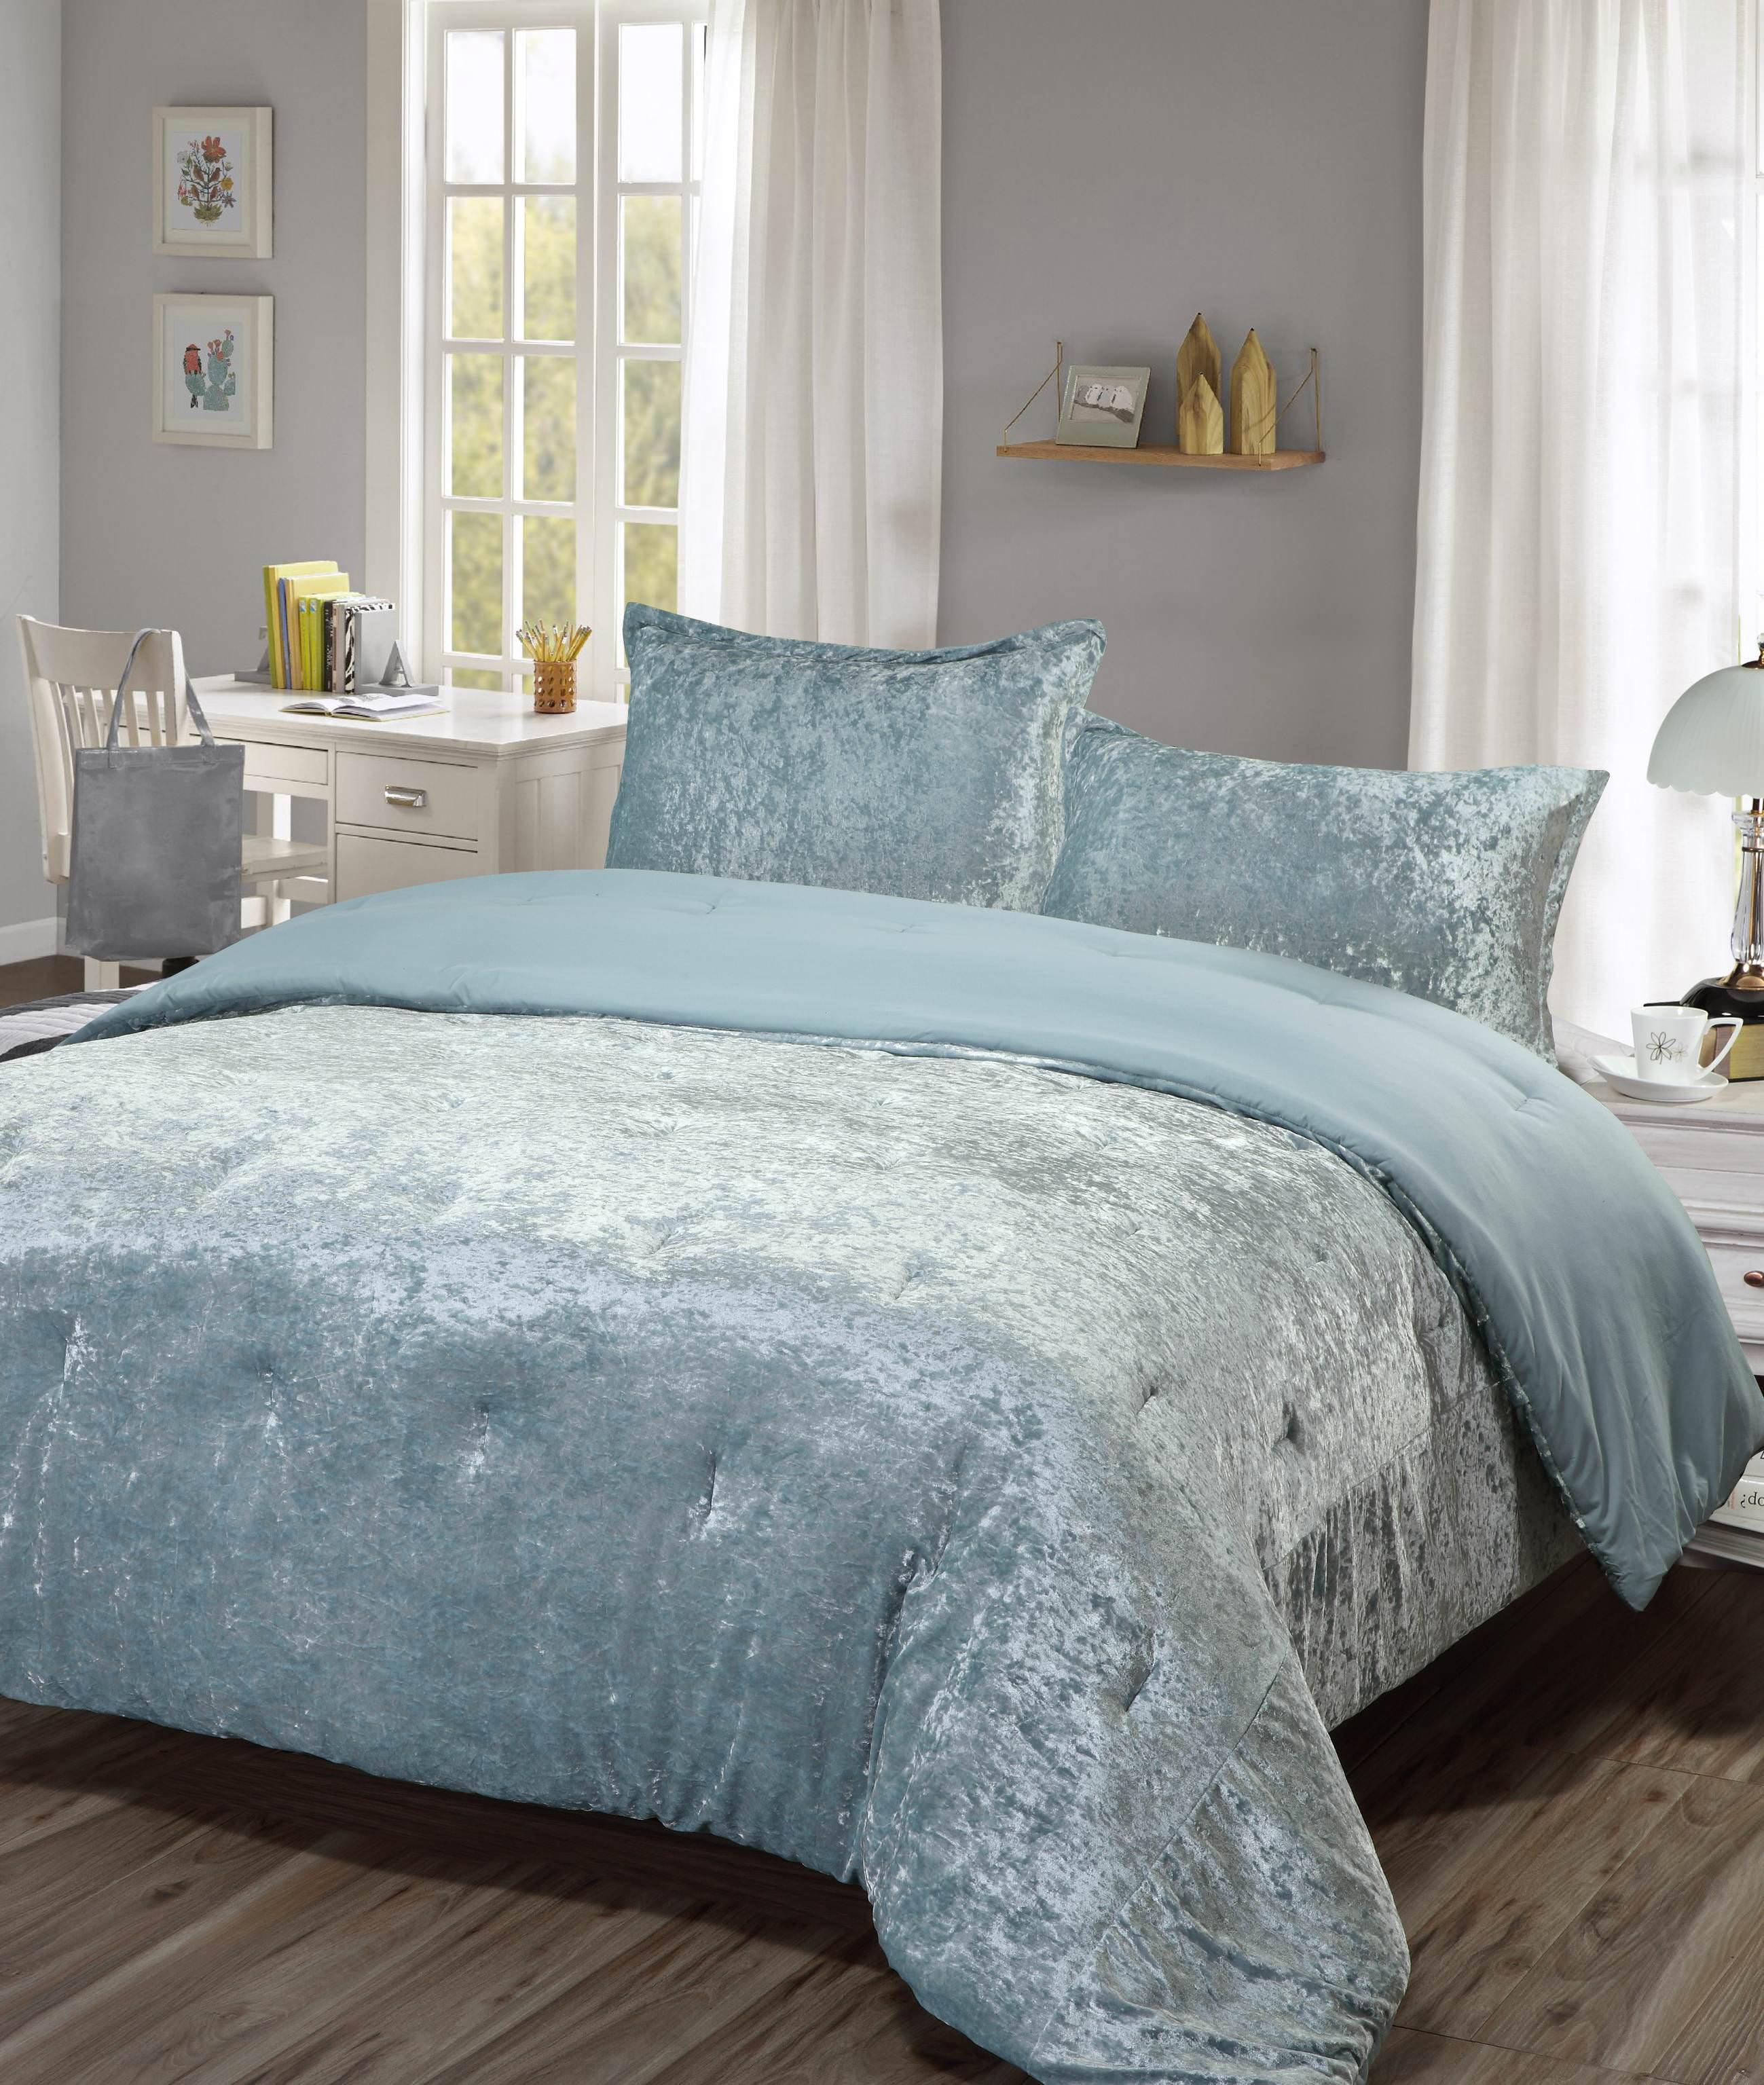 Lulu Coco Crushed Velvet Comforter Set Walmart Com Walmart Com